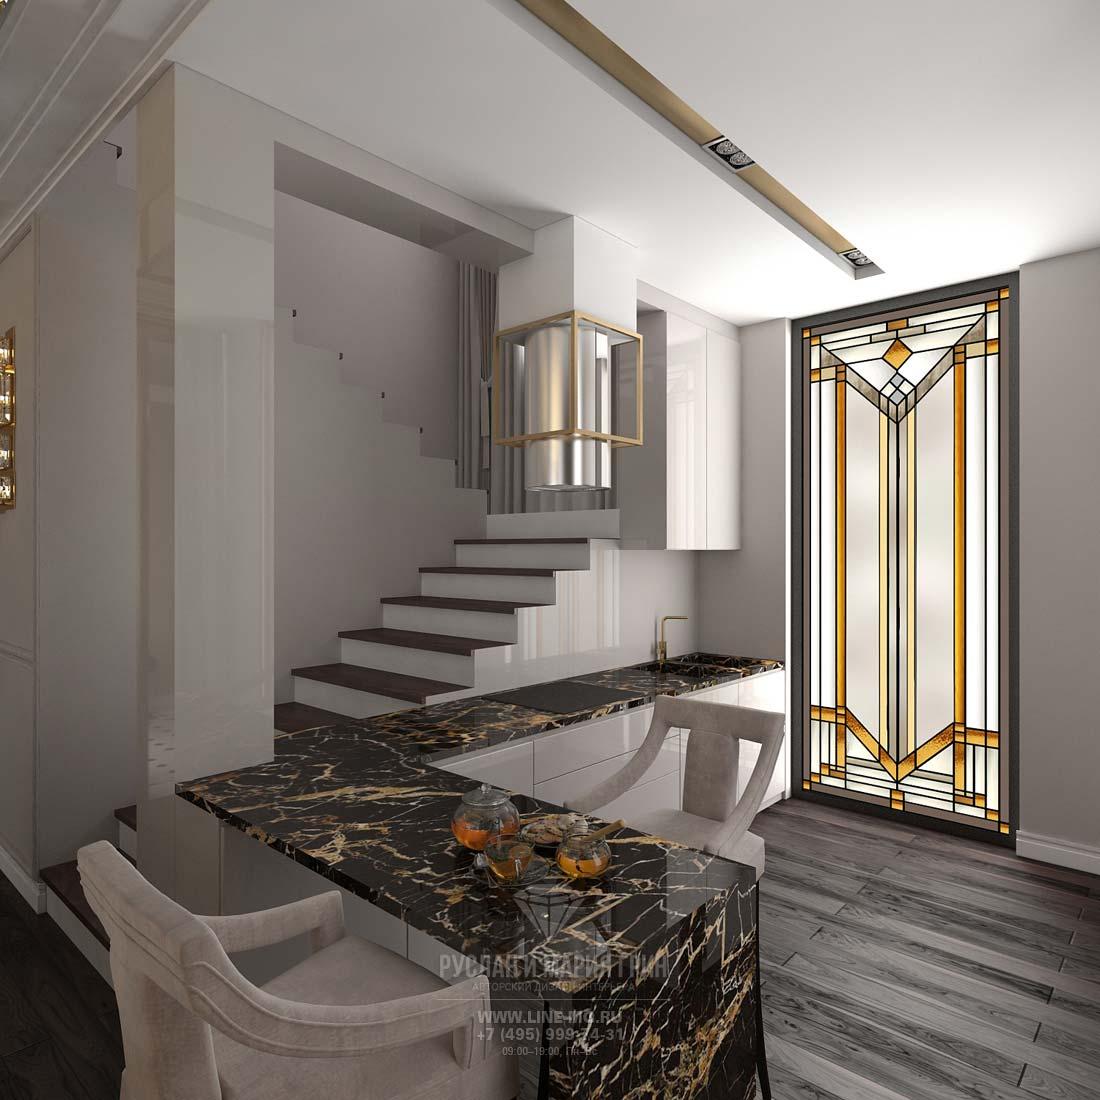 Kitchen design in modern cottage